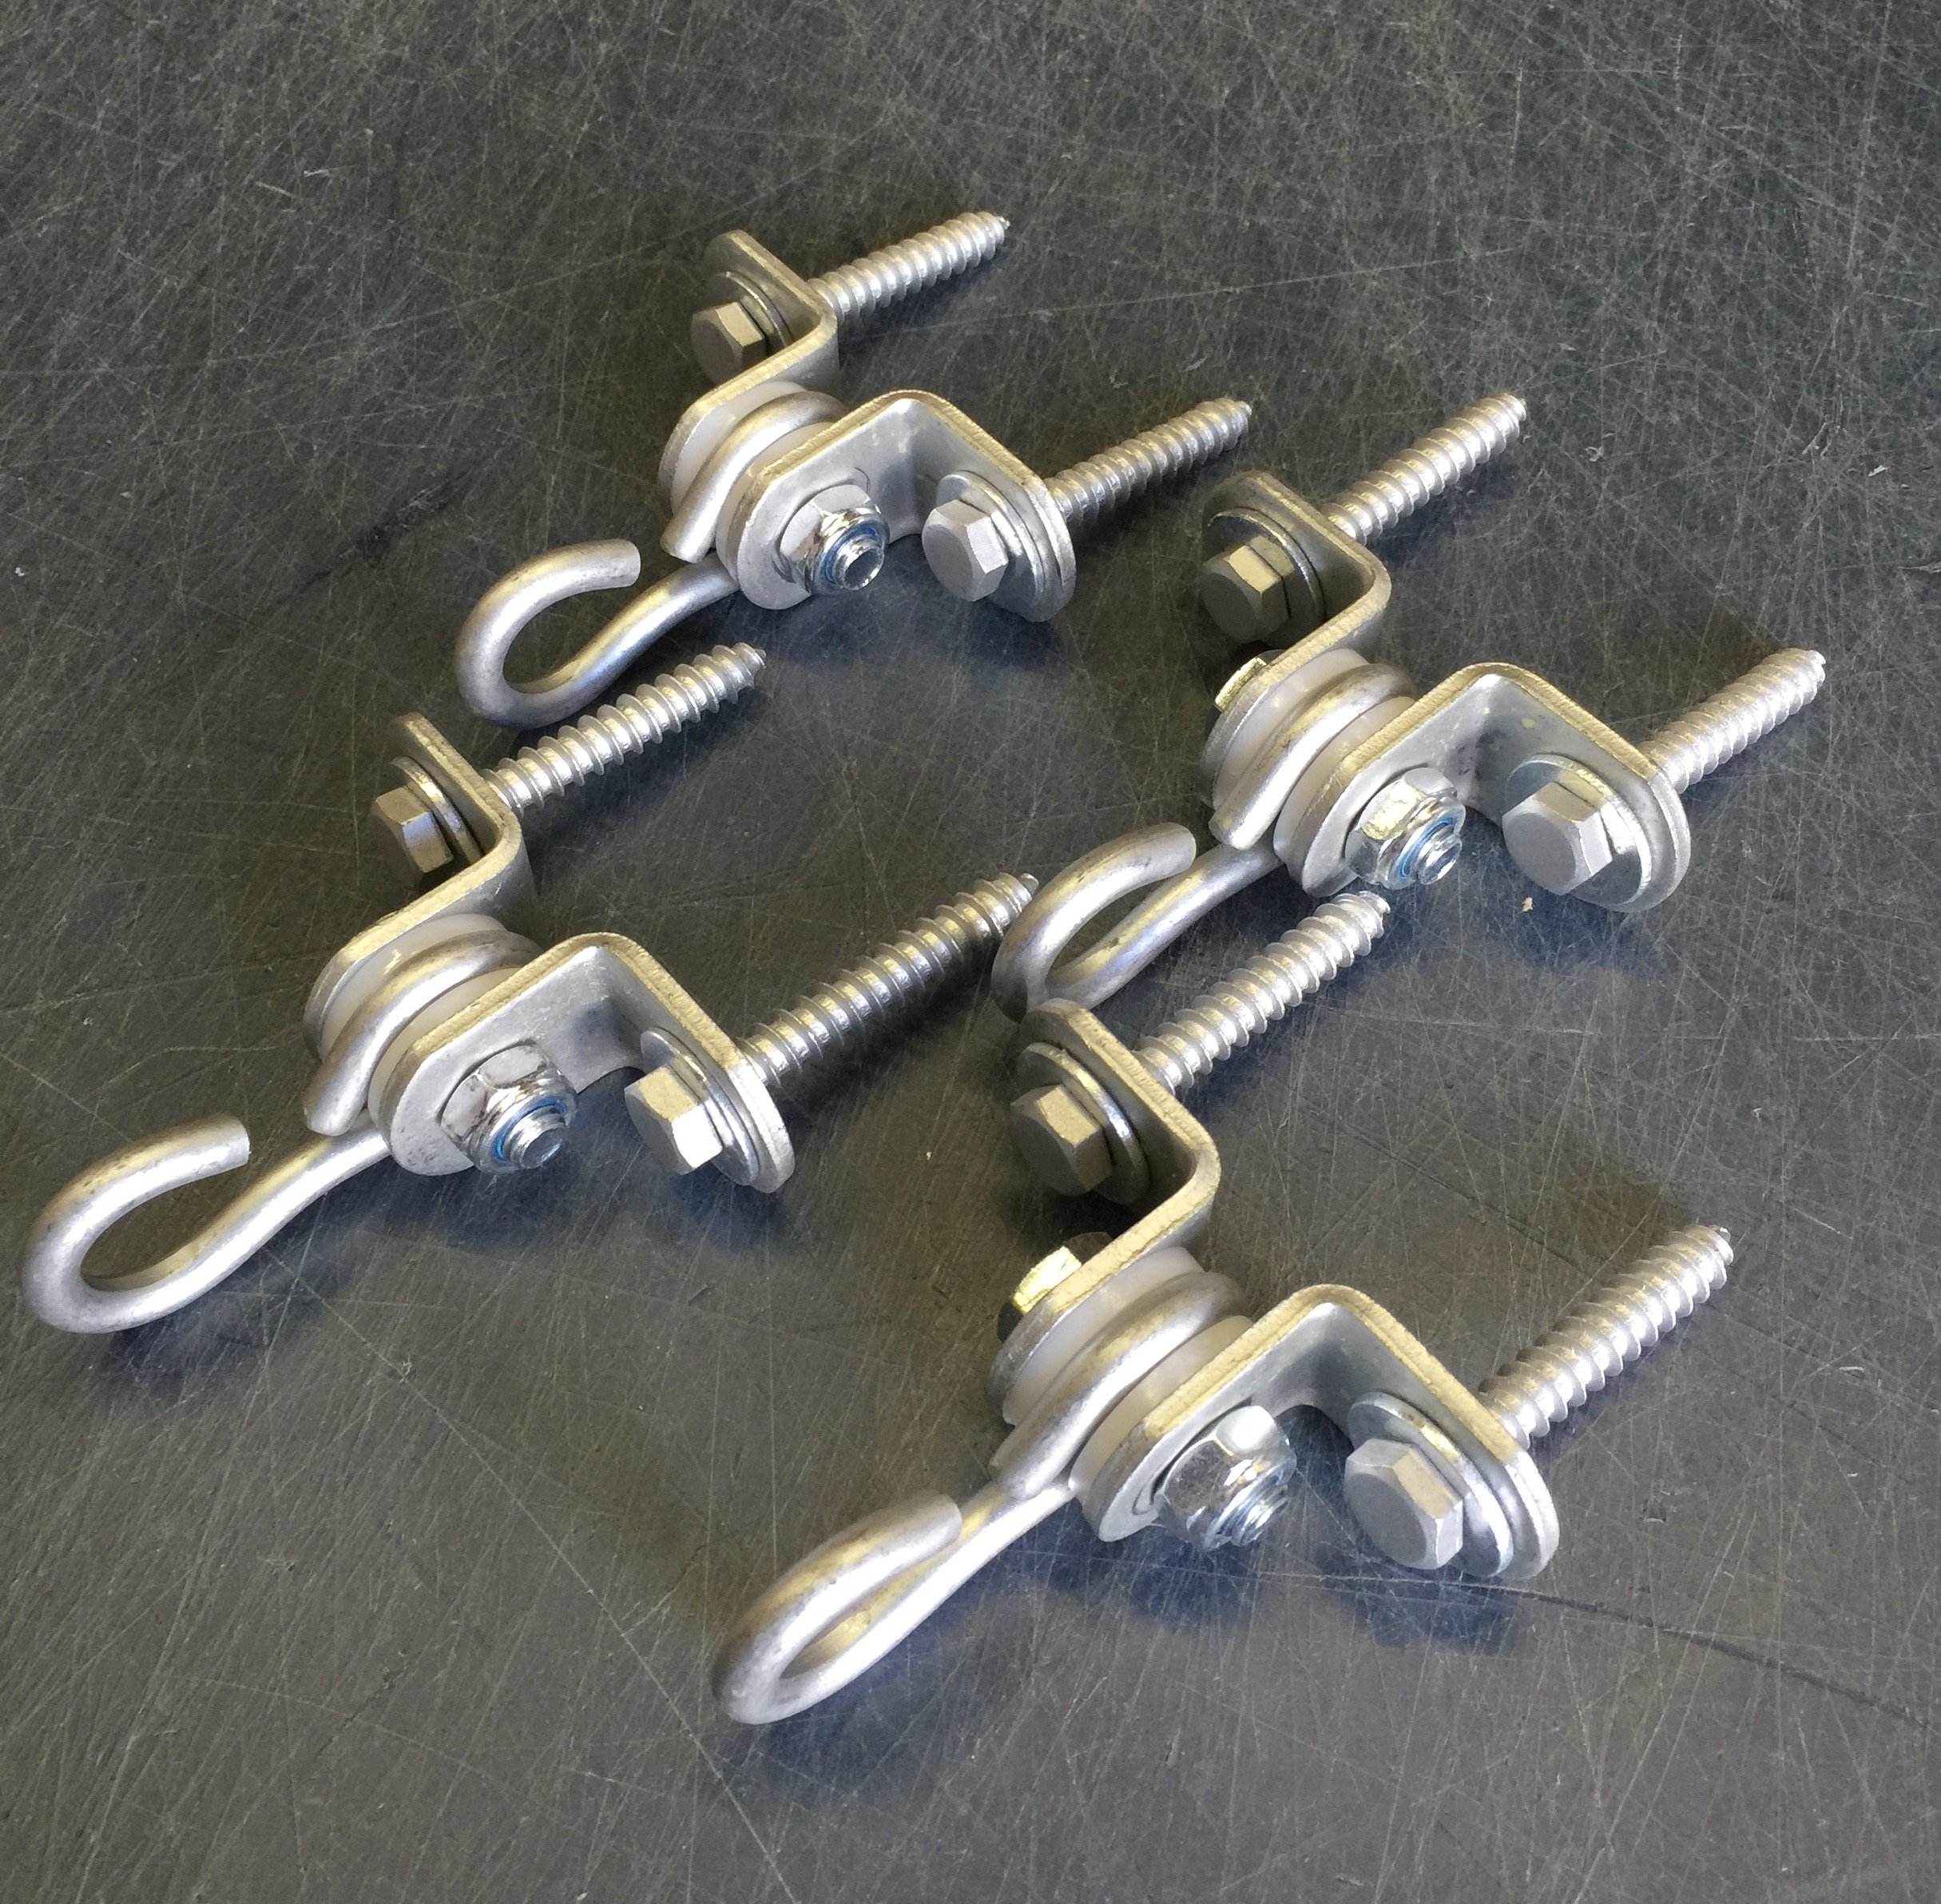 2 Hole Medium Duty Swing Hangers w/ Bolts